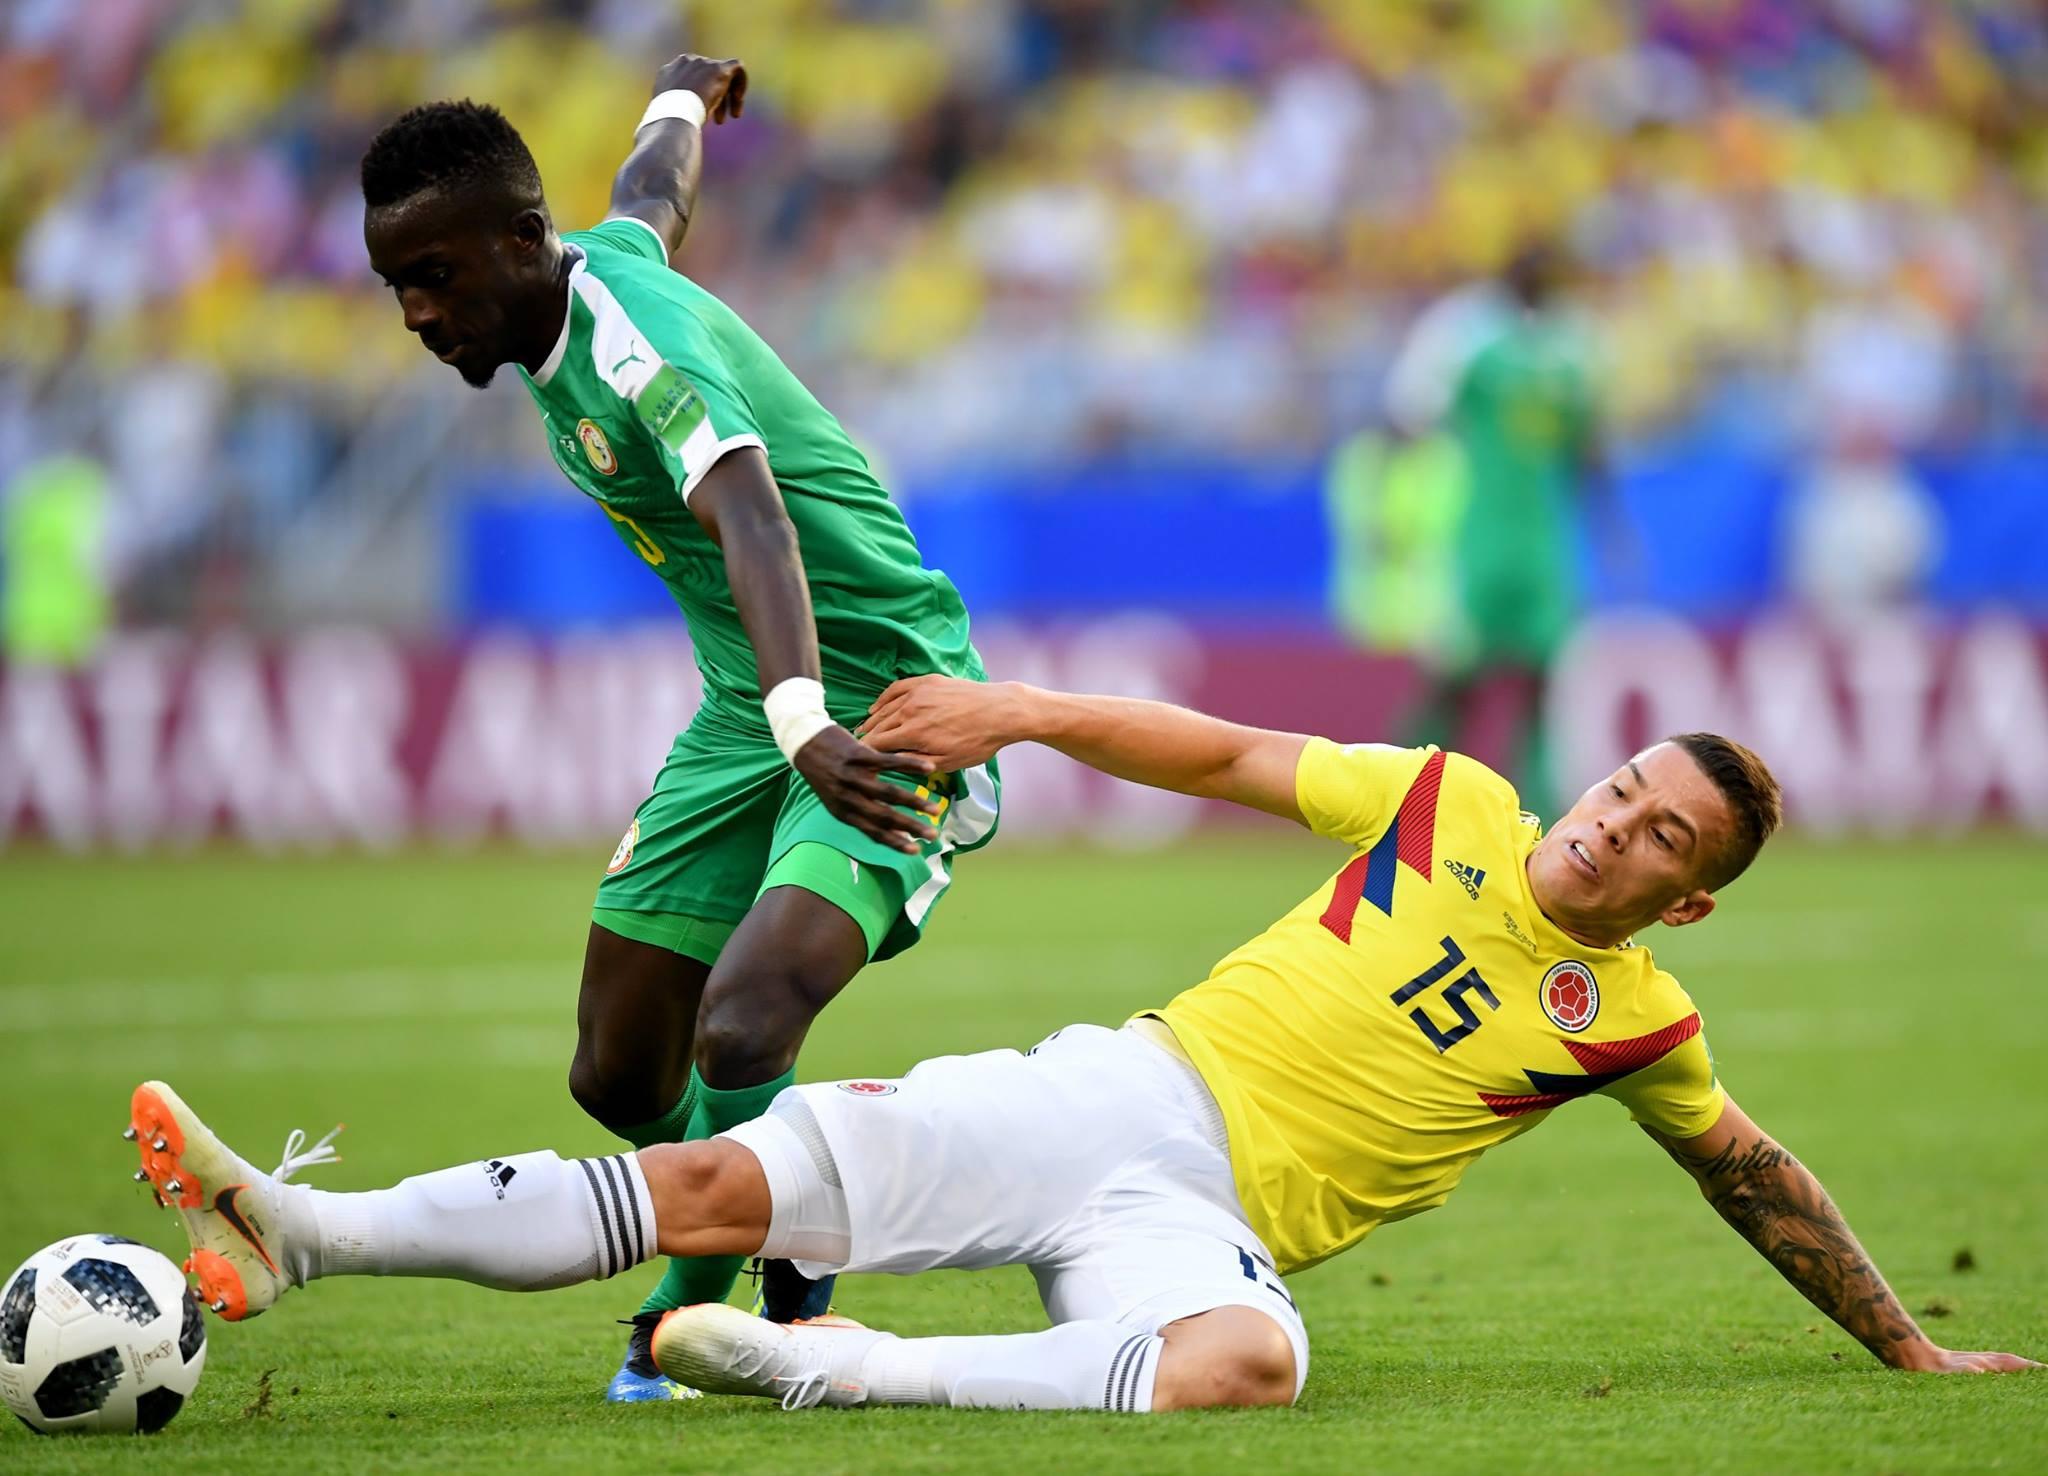 世足賽日本敗給波蘭 卻因哥倫比亞勝出晉級16強 | 蕃新聞